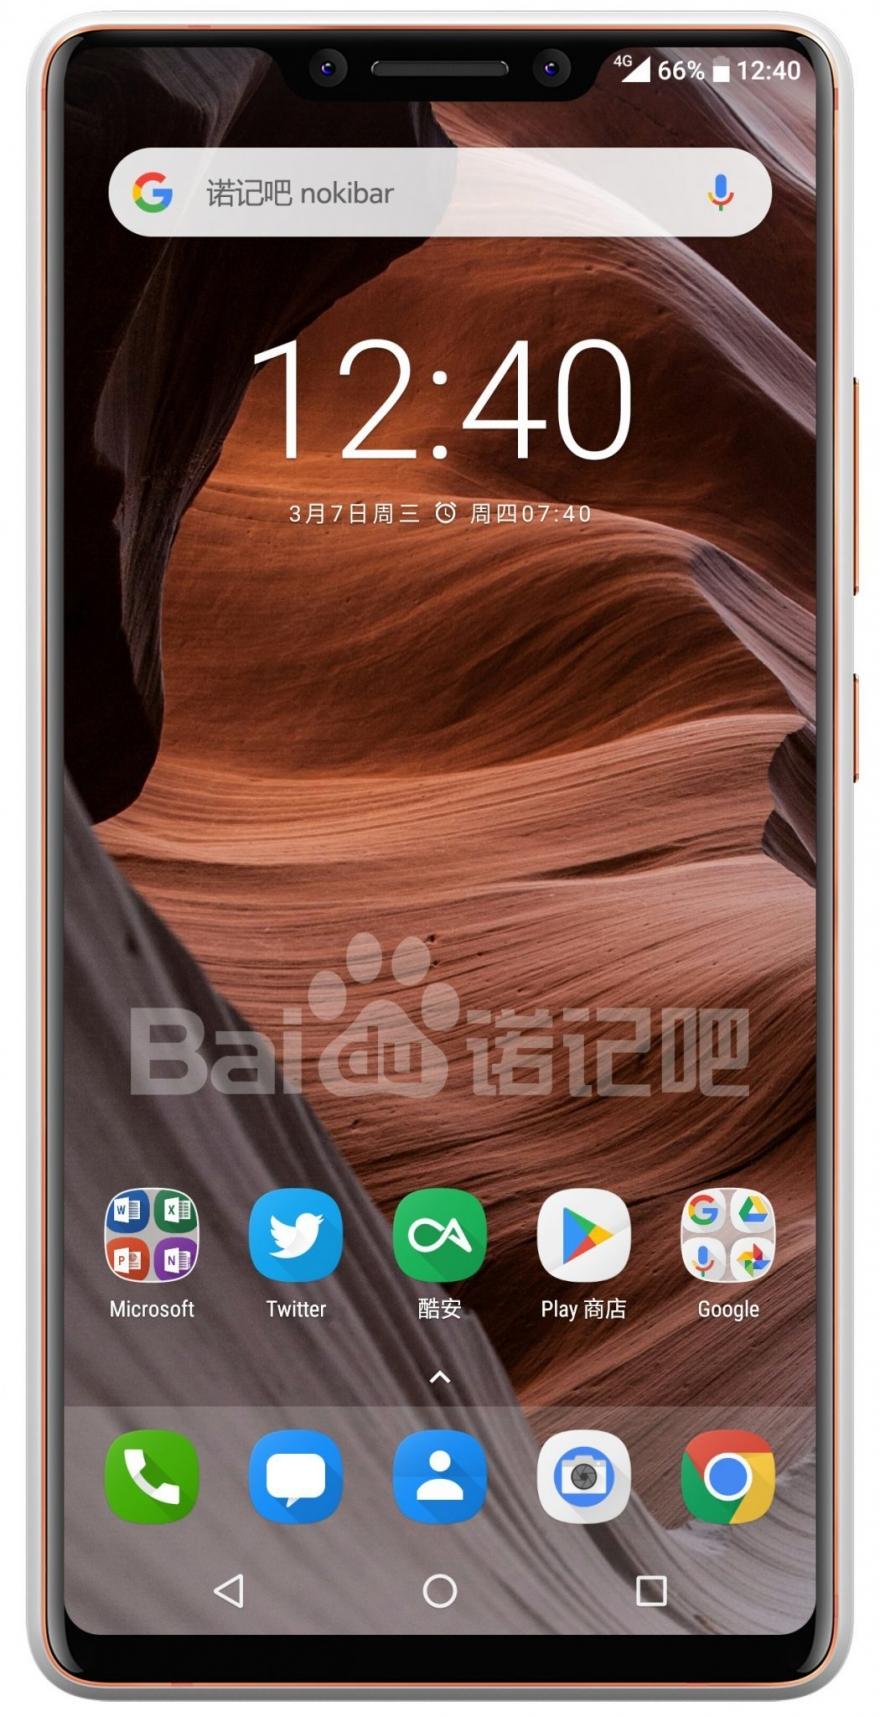 诺基亚也沦陷 Nokia 9刘海屏渲染图乍现